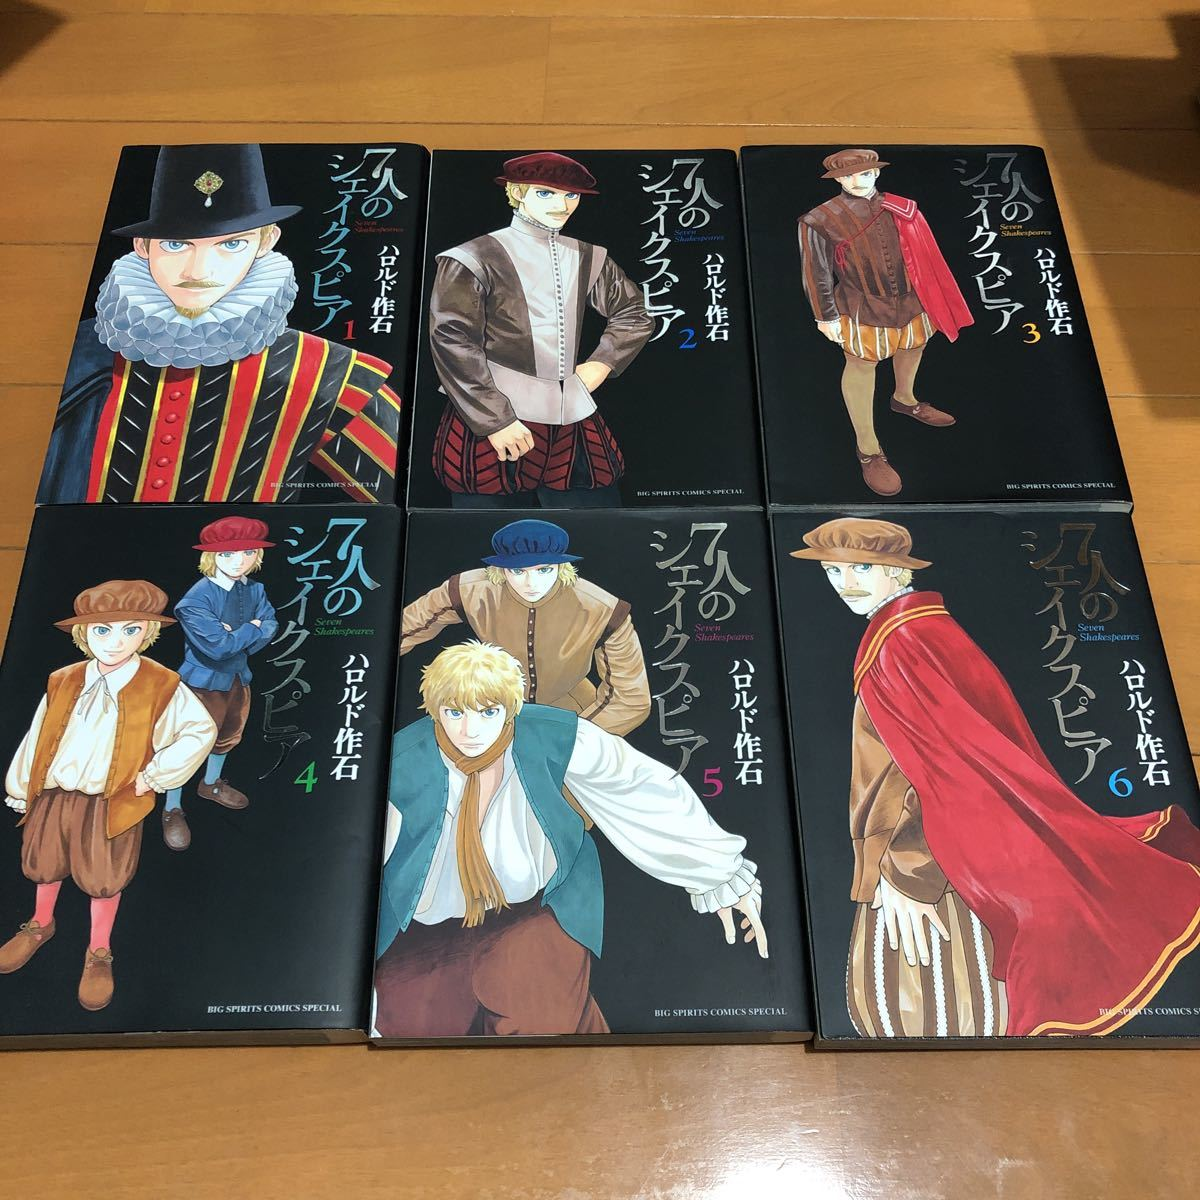 7人のシェイクスピア ハロルド作石 六巻セット 漫画 全巻 セット 送料無料